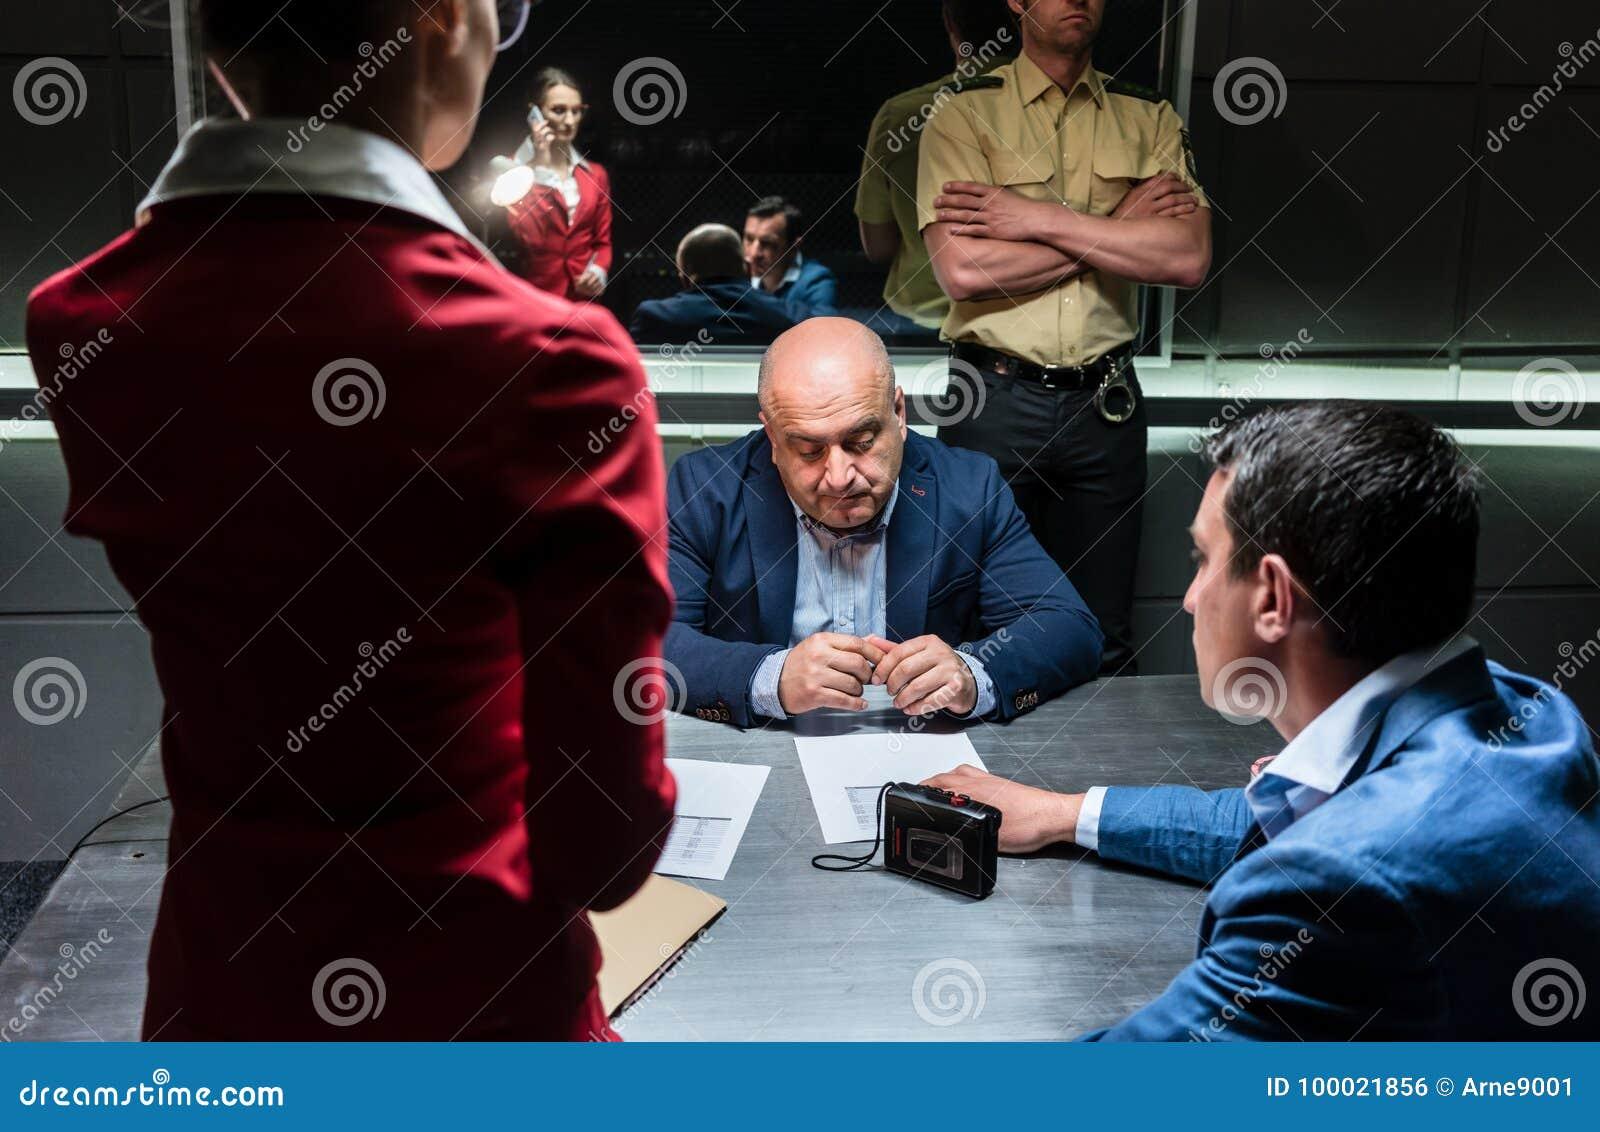 W średnim wieku mężczyzna myśleć o jego oświadczeniu ch i przestępcie